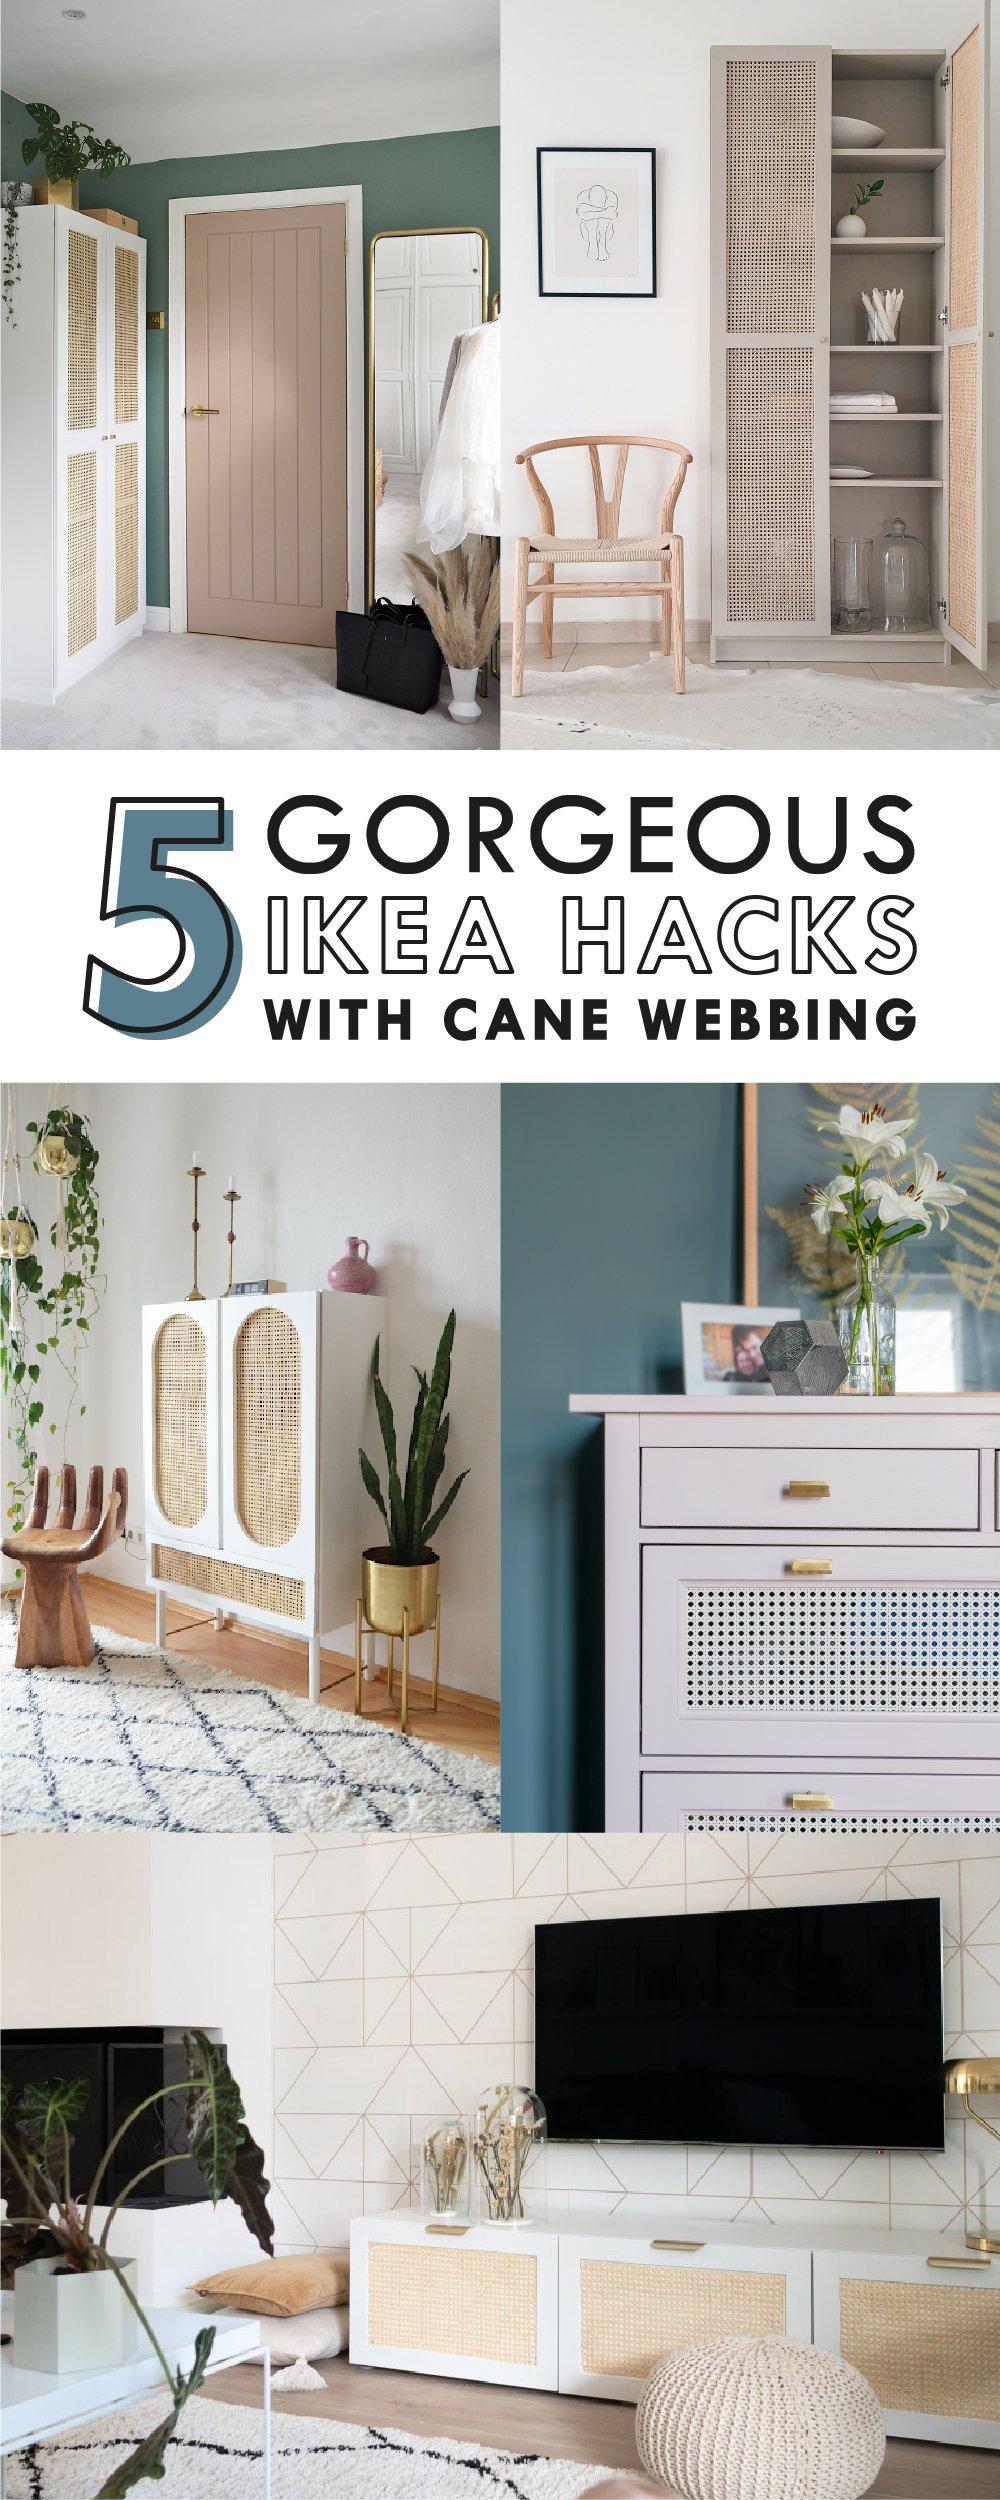 10 Amazing Ikea Hacks With Cane Webbing